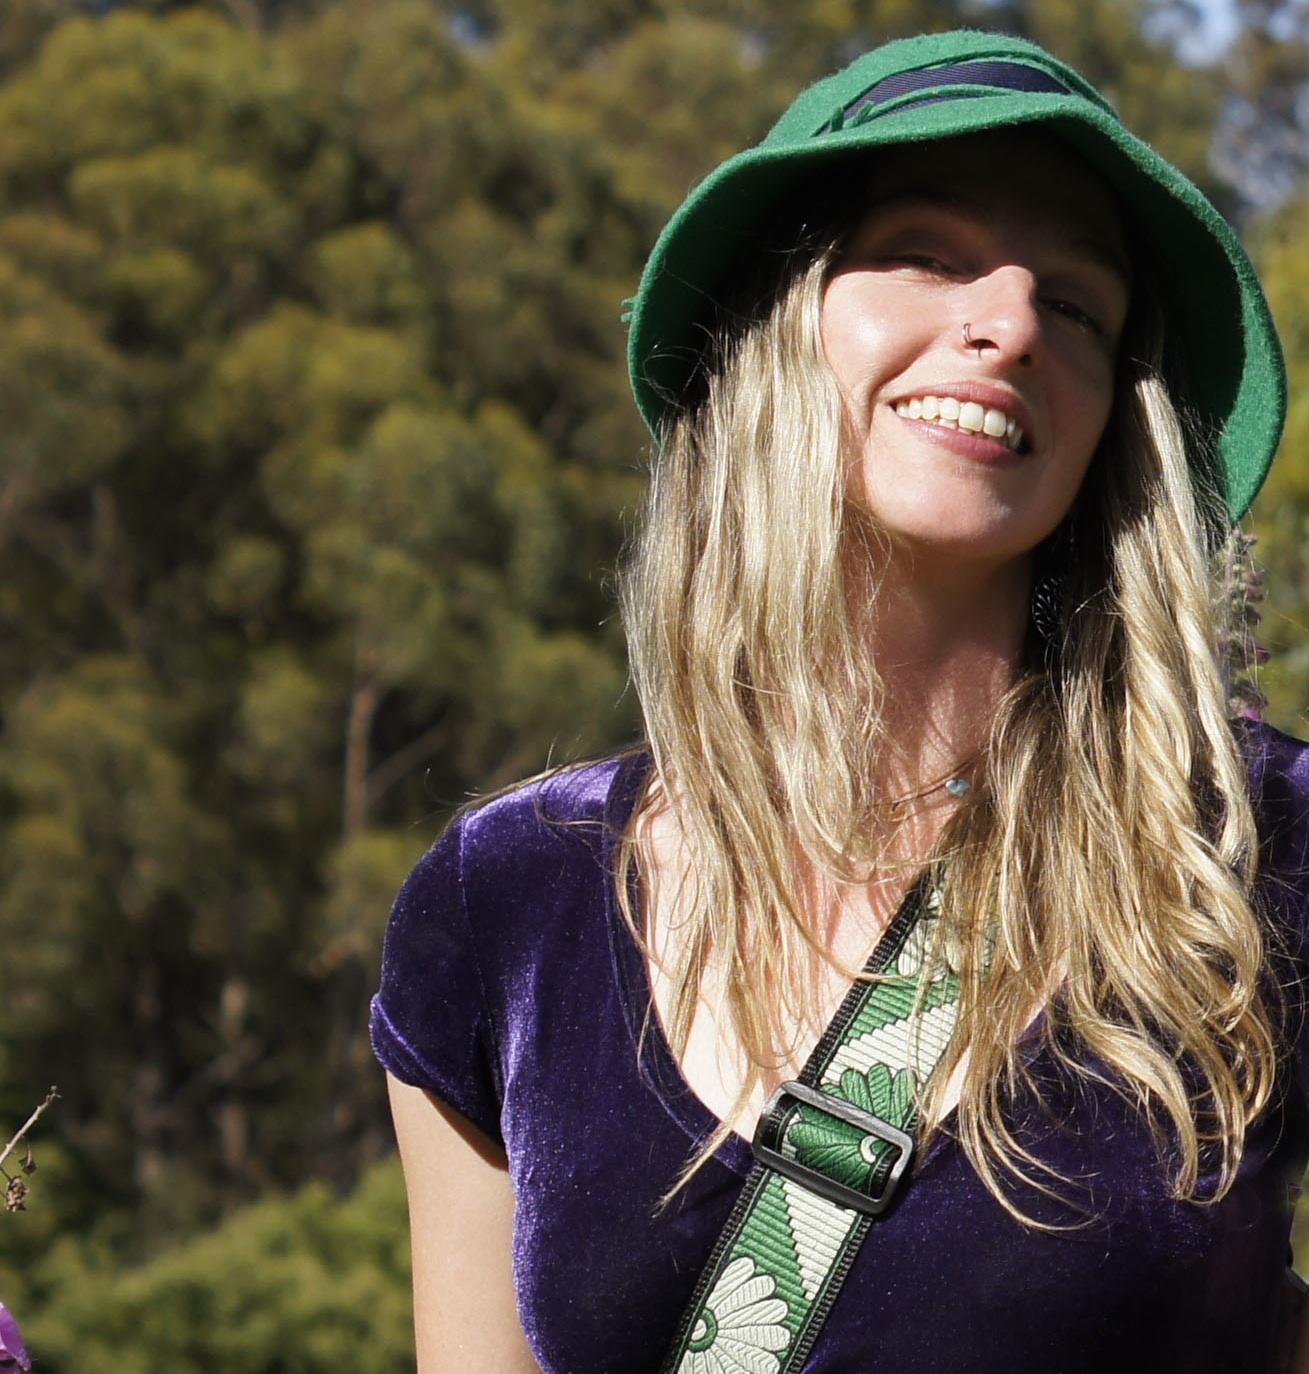 Nicole all smiles